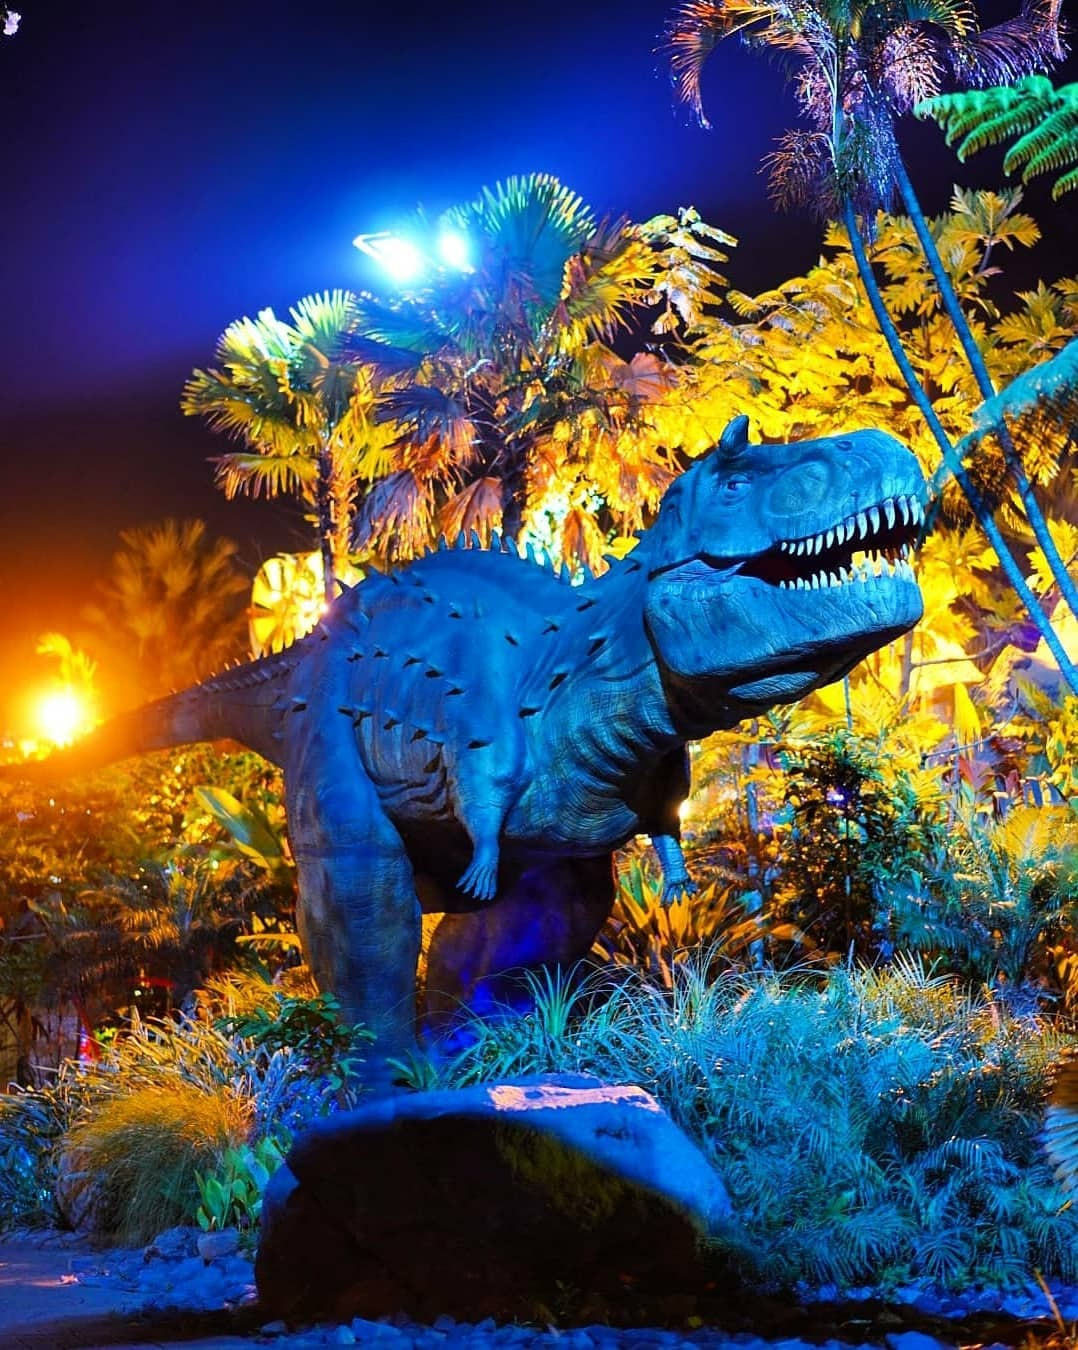 Taman Dinosaurus Malang Night Paradise